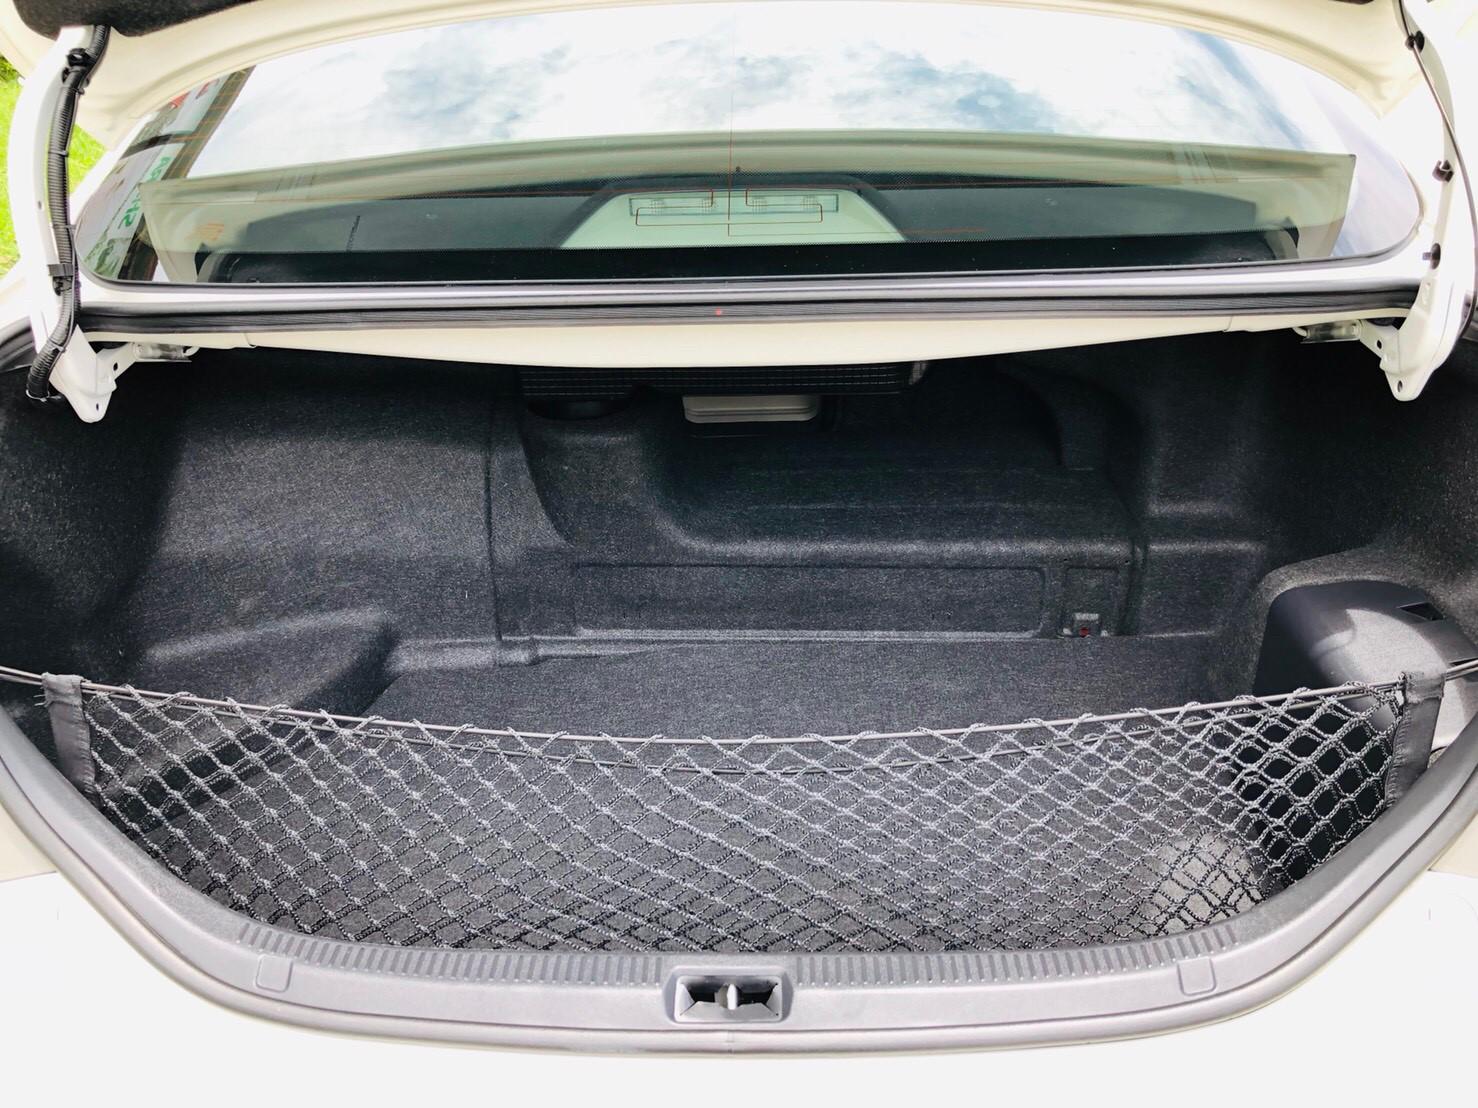 ภาพท้ายรถ โตโยต้า แคมรี่ไฮบริด 2.4 ปี 2012